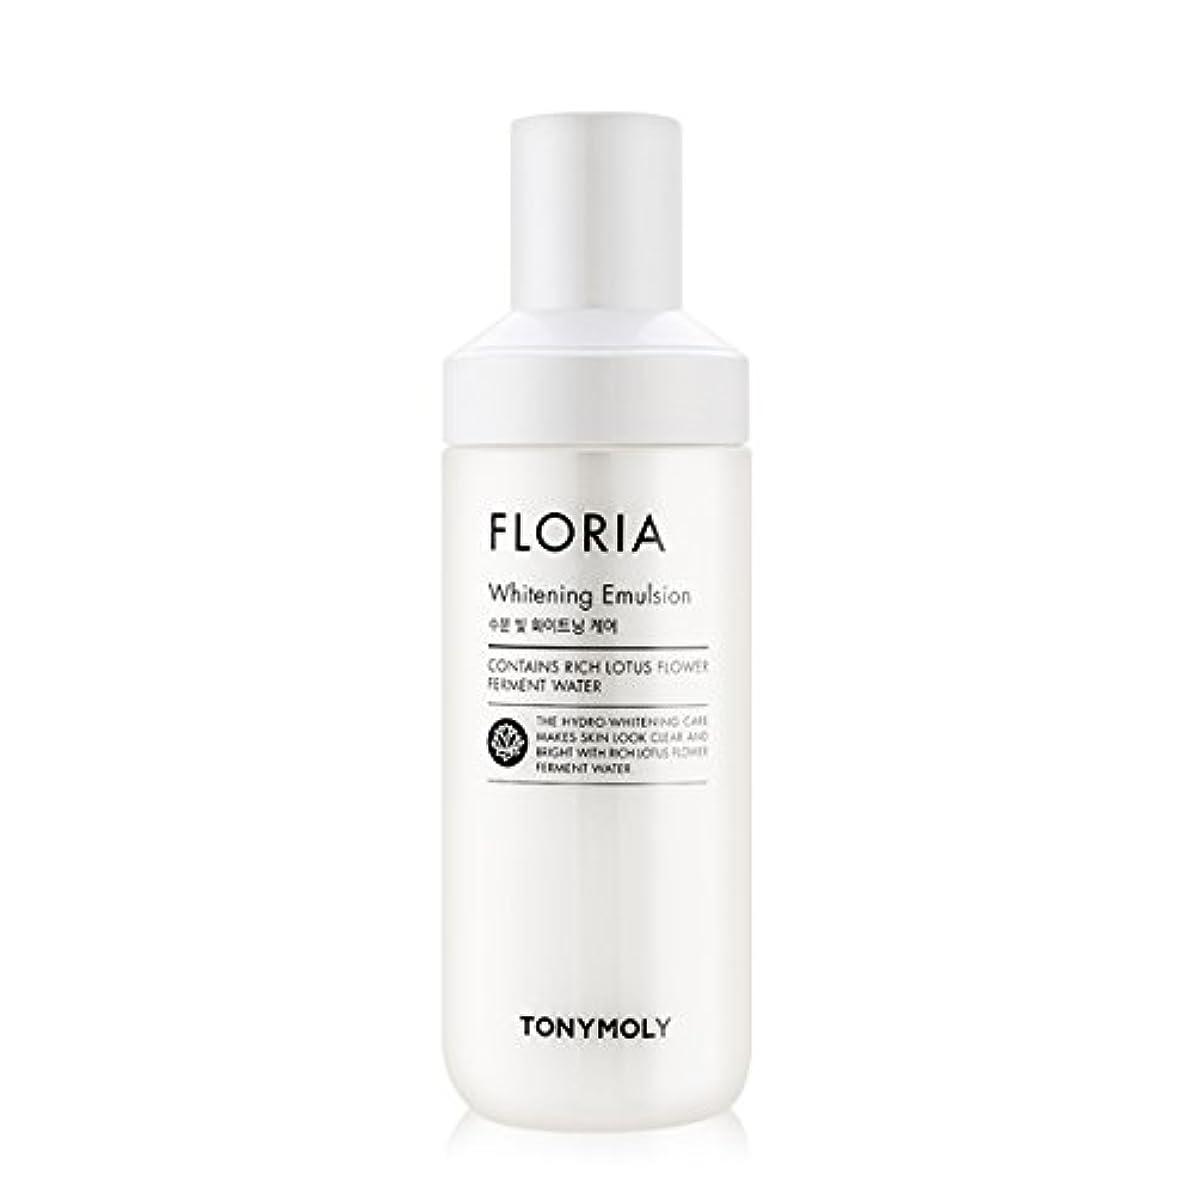 発言するすごい火炎[2016 New] TONYMOLY Floria Whitening Emulsion 160ml/トニーモリー フロリア ホワイトニング エマルジョン 160ml